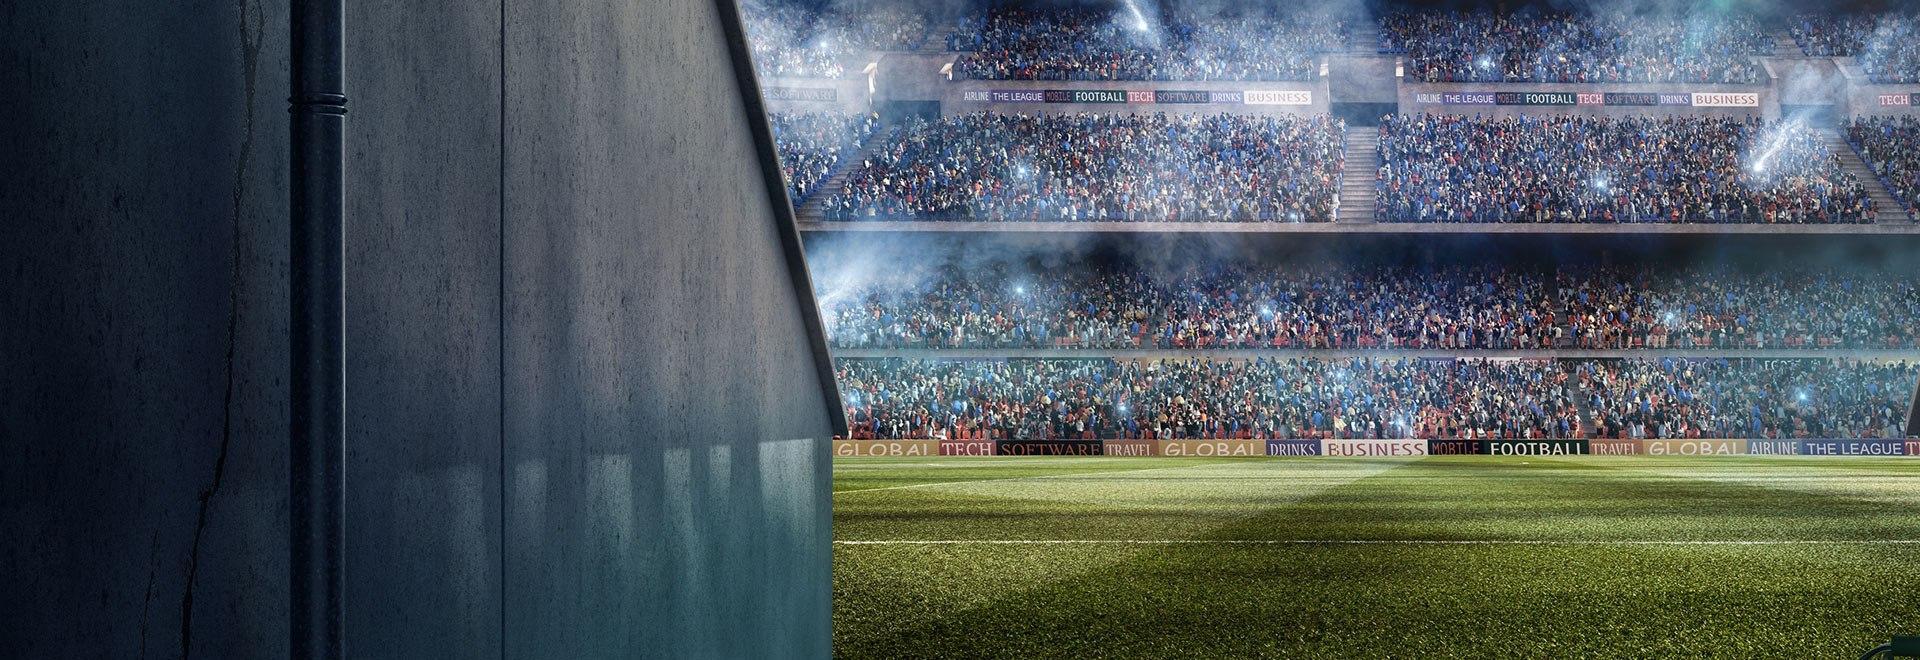 Triestina - Virtus Verona. Playoff 1° turno